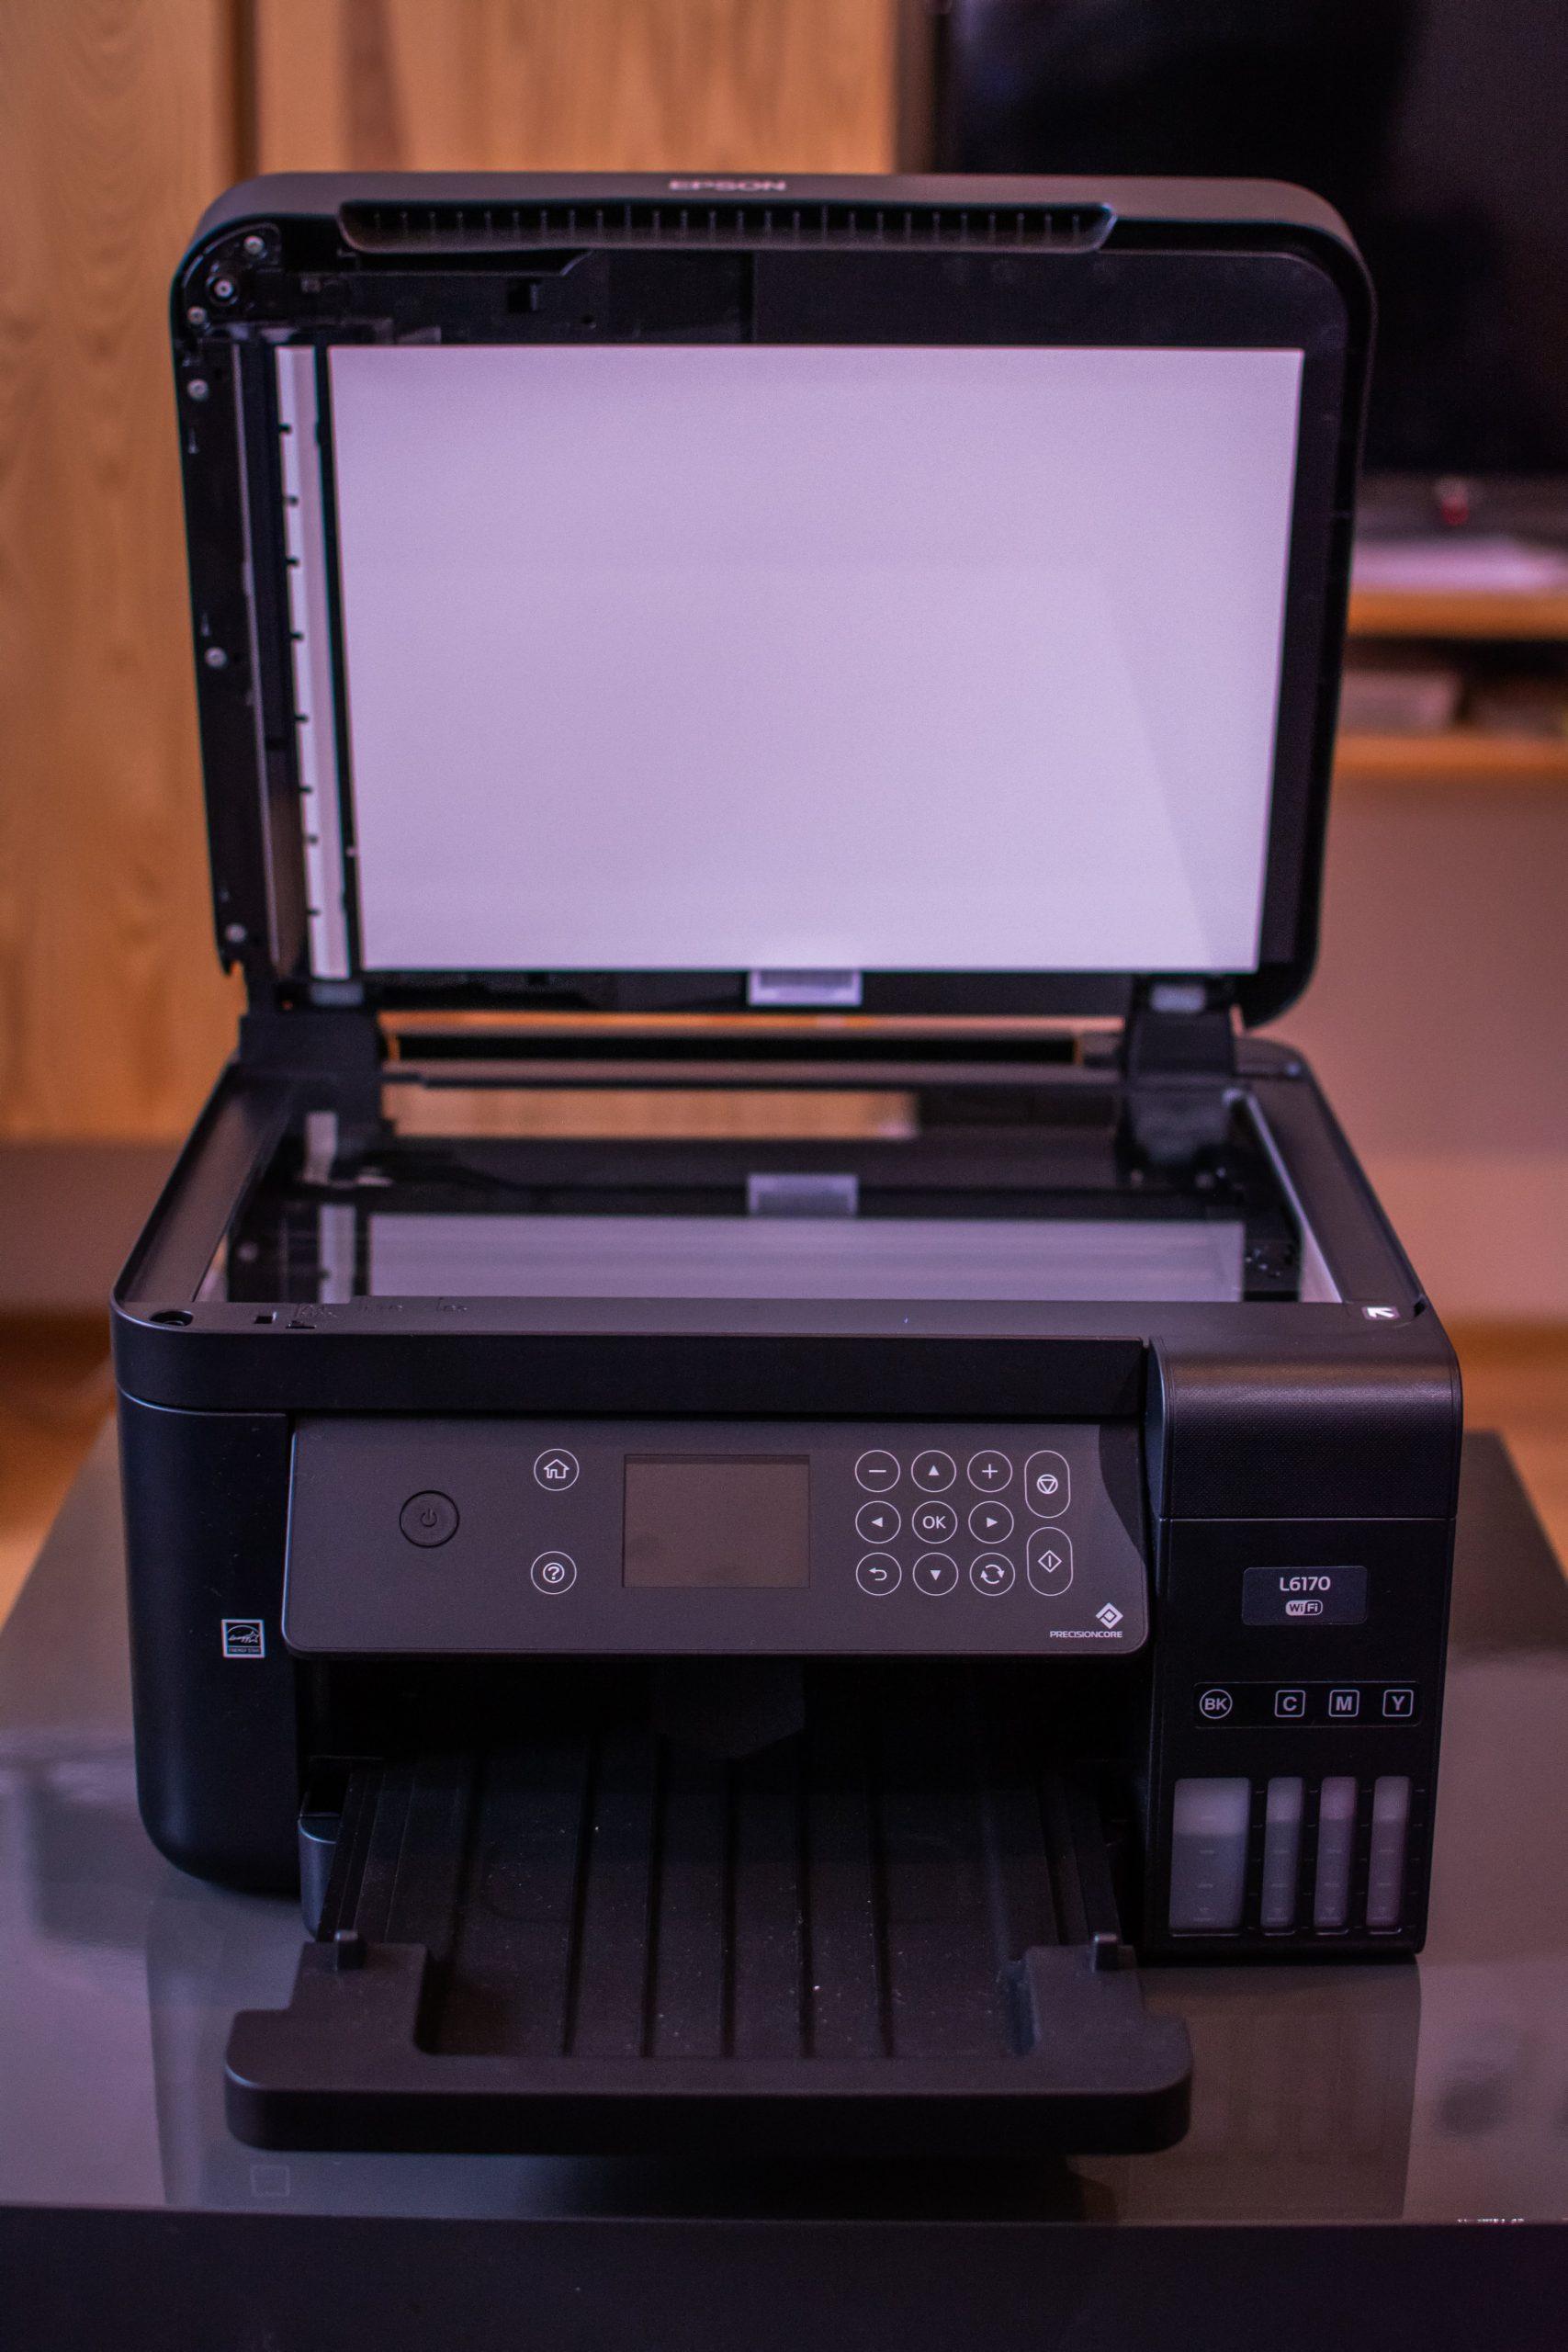 Cum te poate ajuta o imprimanta de zi cu zi acasa - Epson L6170 - 5